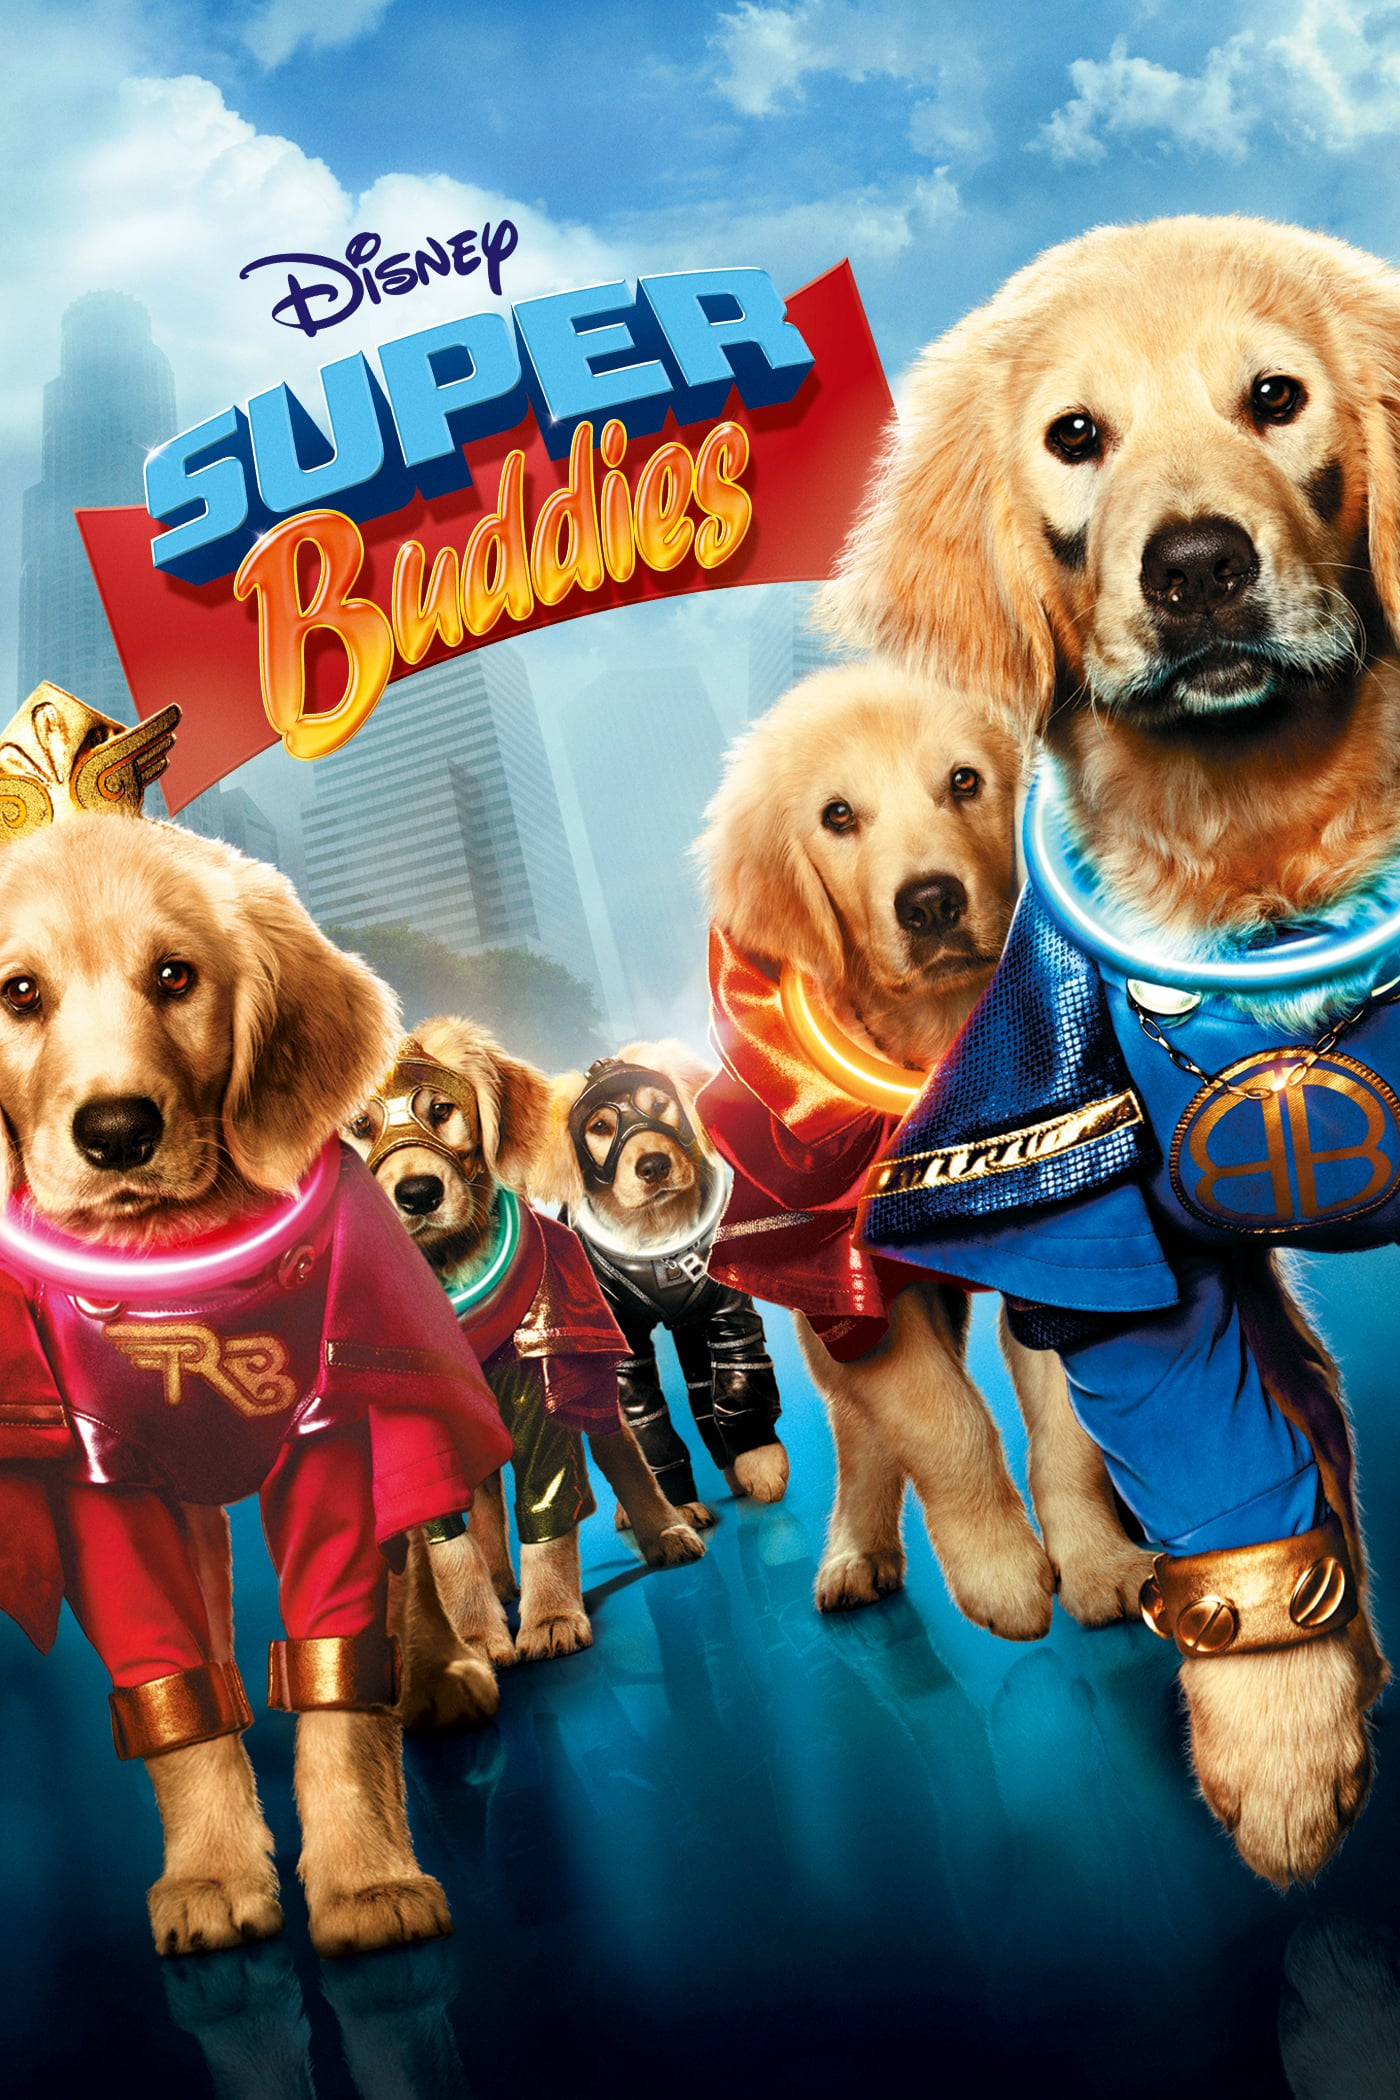 Super Buddies Movie Streaming Online Watch on Disney Plus Hotstar